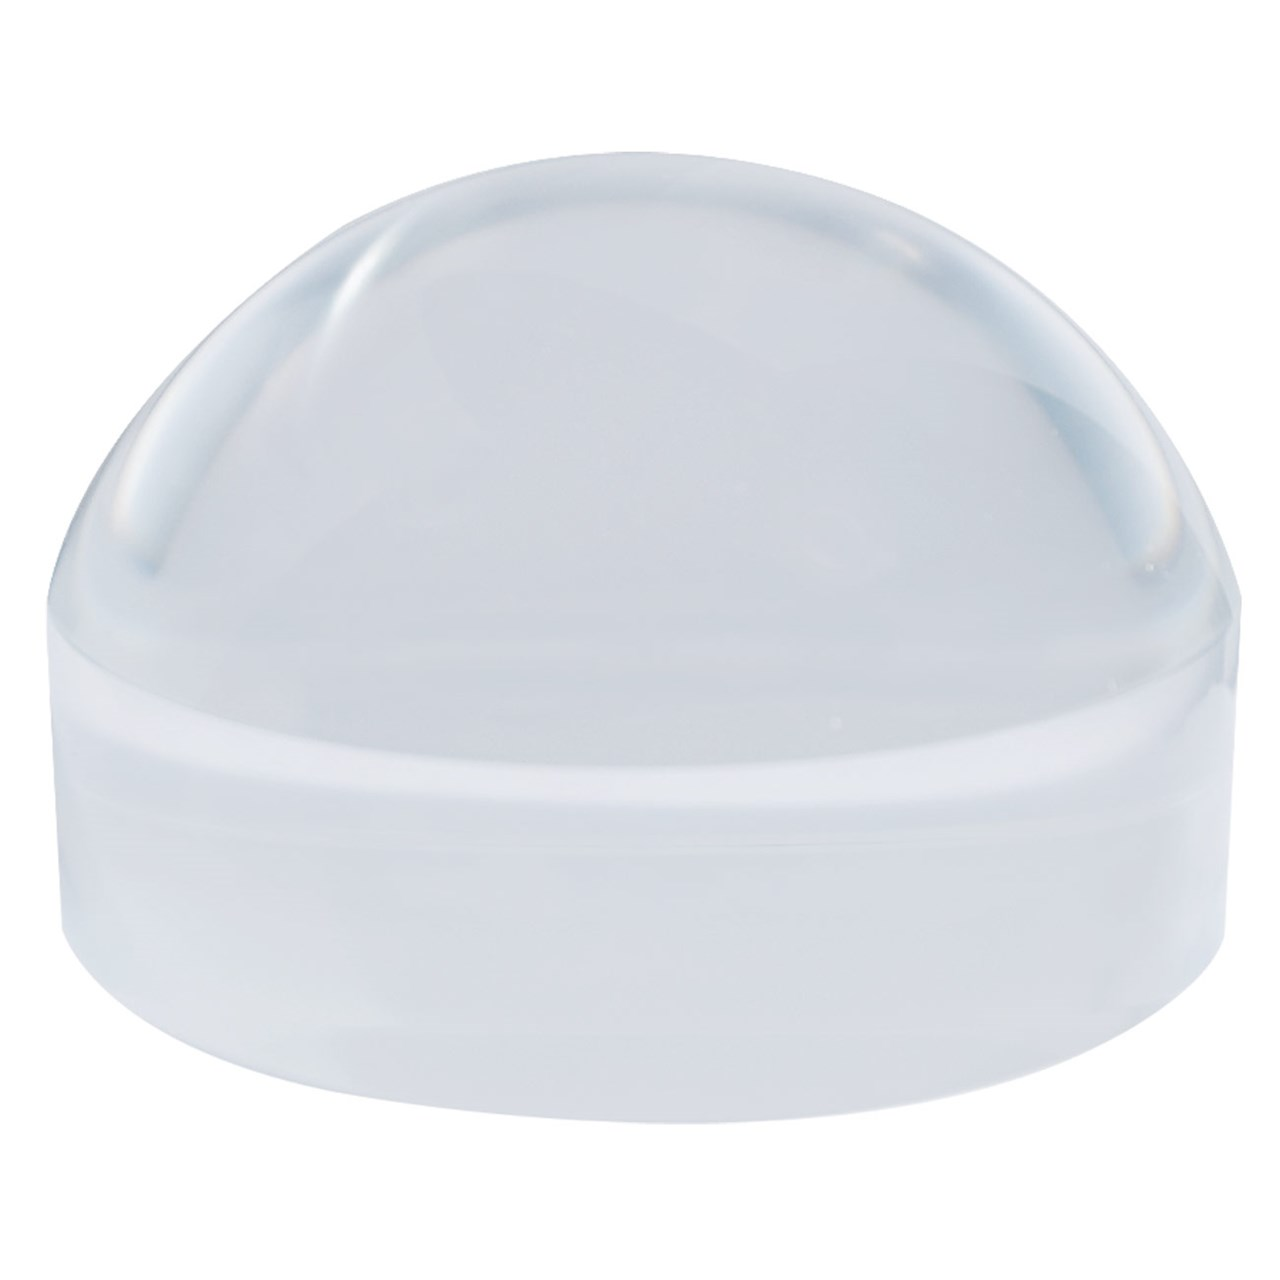 Reizen Dome Magnifier 4x 12D 50mm